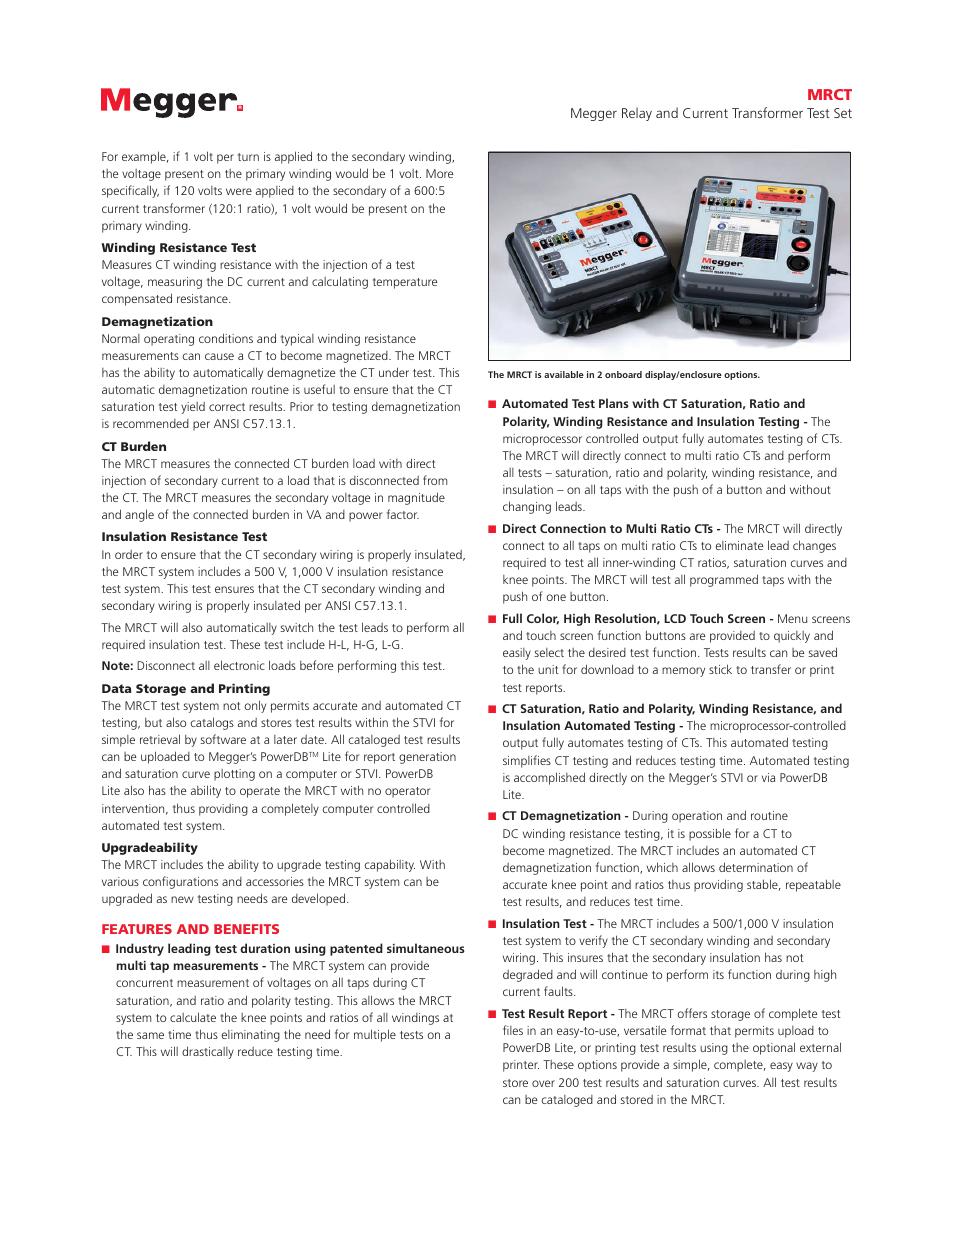 Mrct | Atec Megger-MRCT User Manual | Page 2 / 8